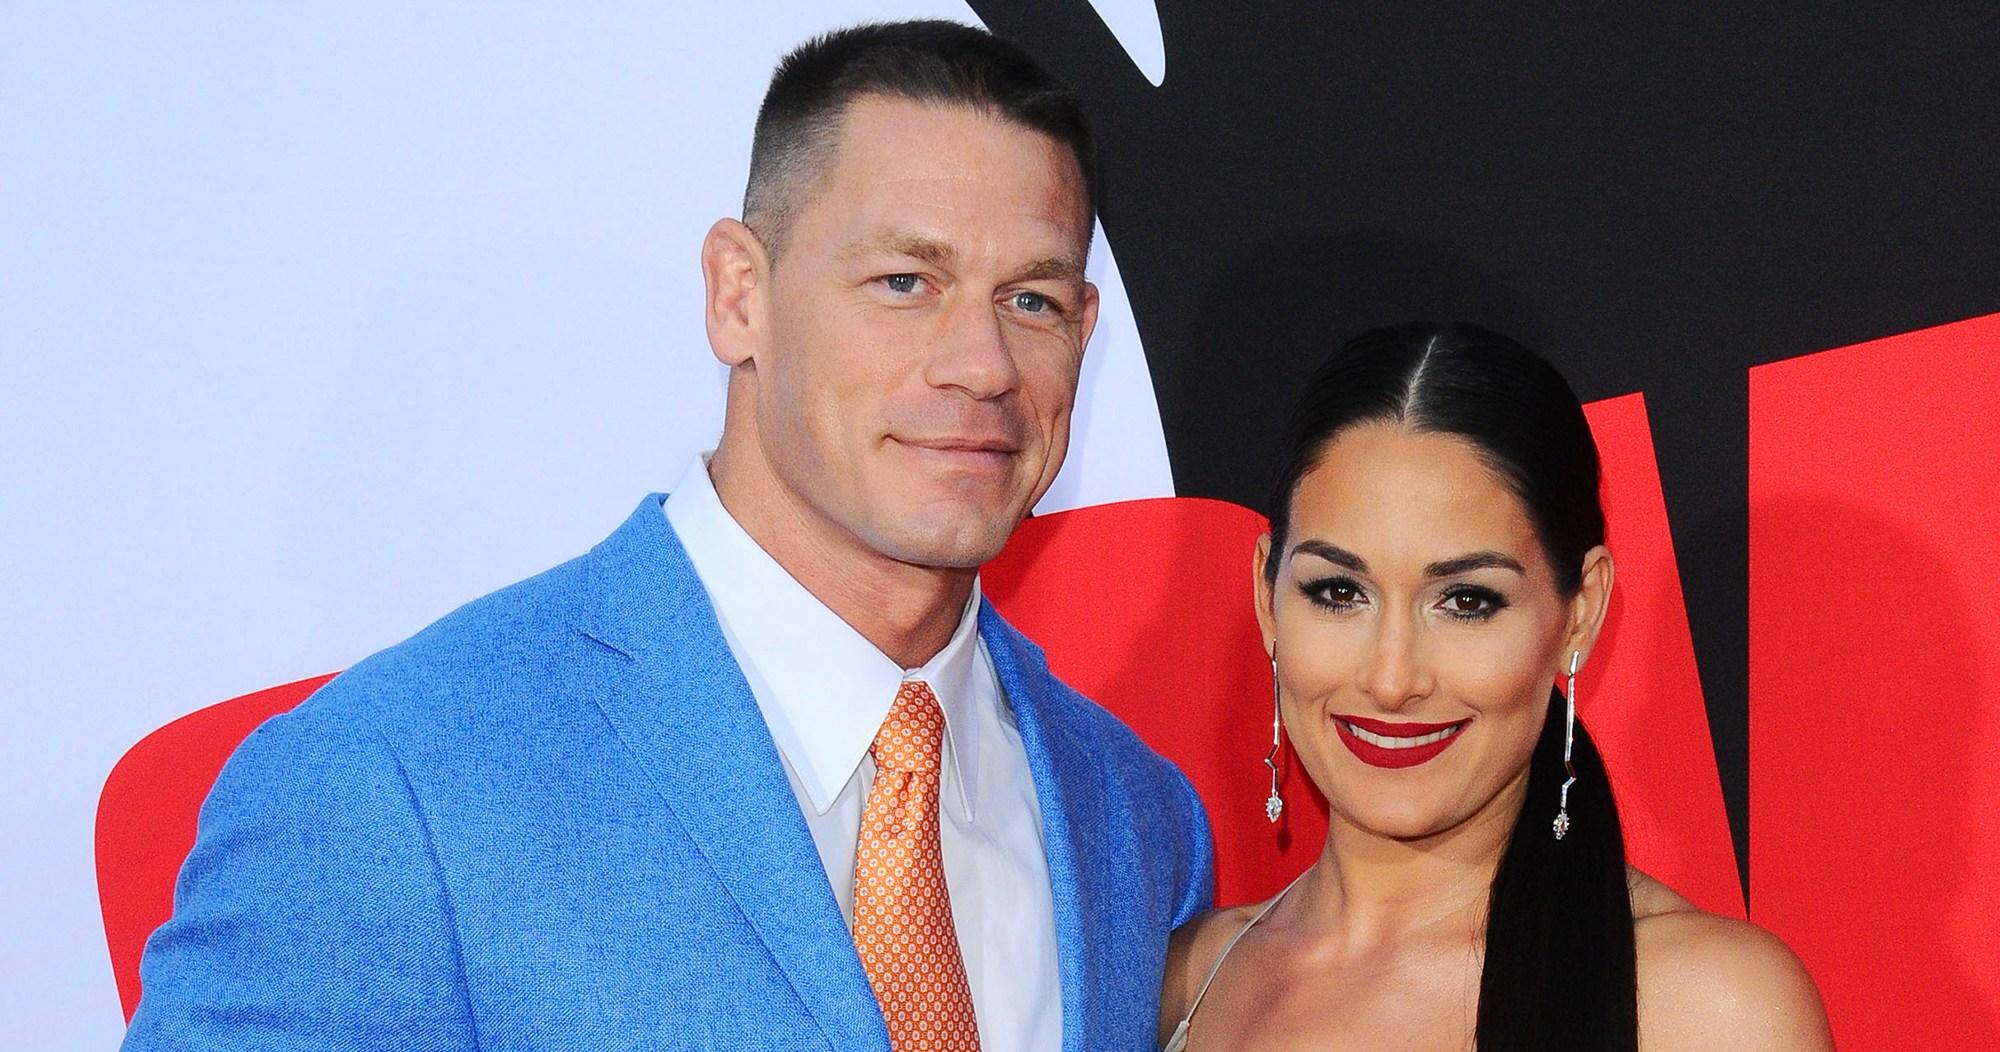 Nikki Bella Tried to Return Her Engagement Ring to John Cena